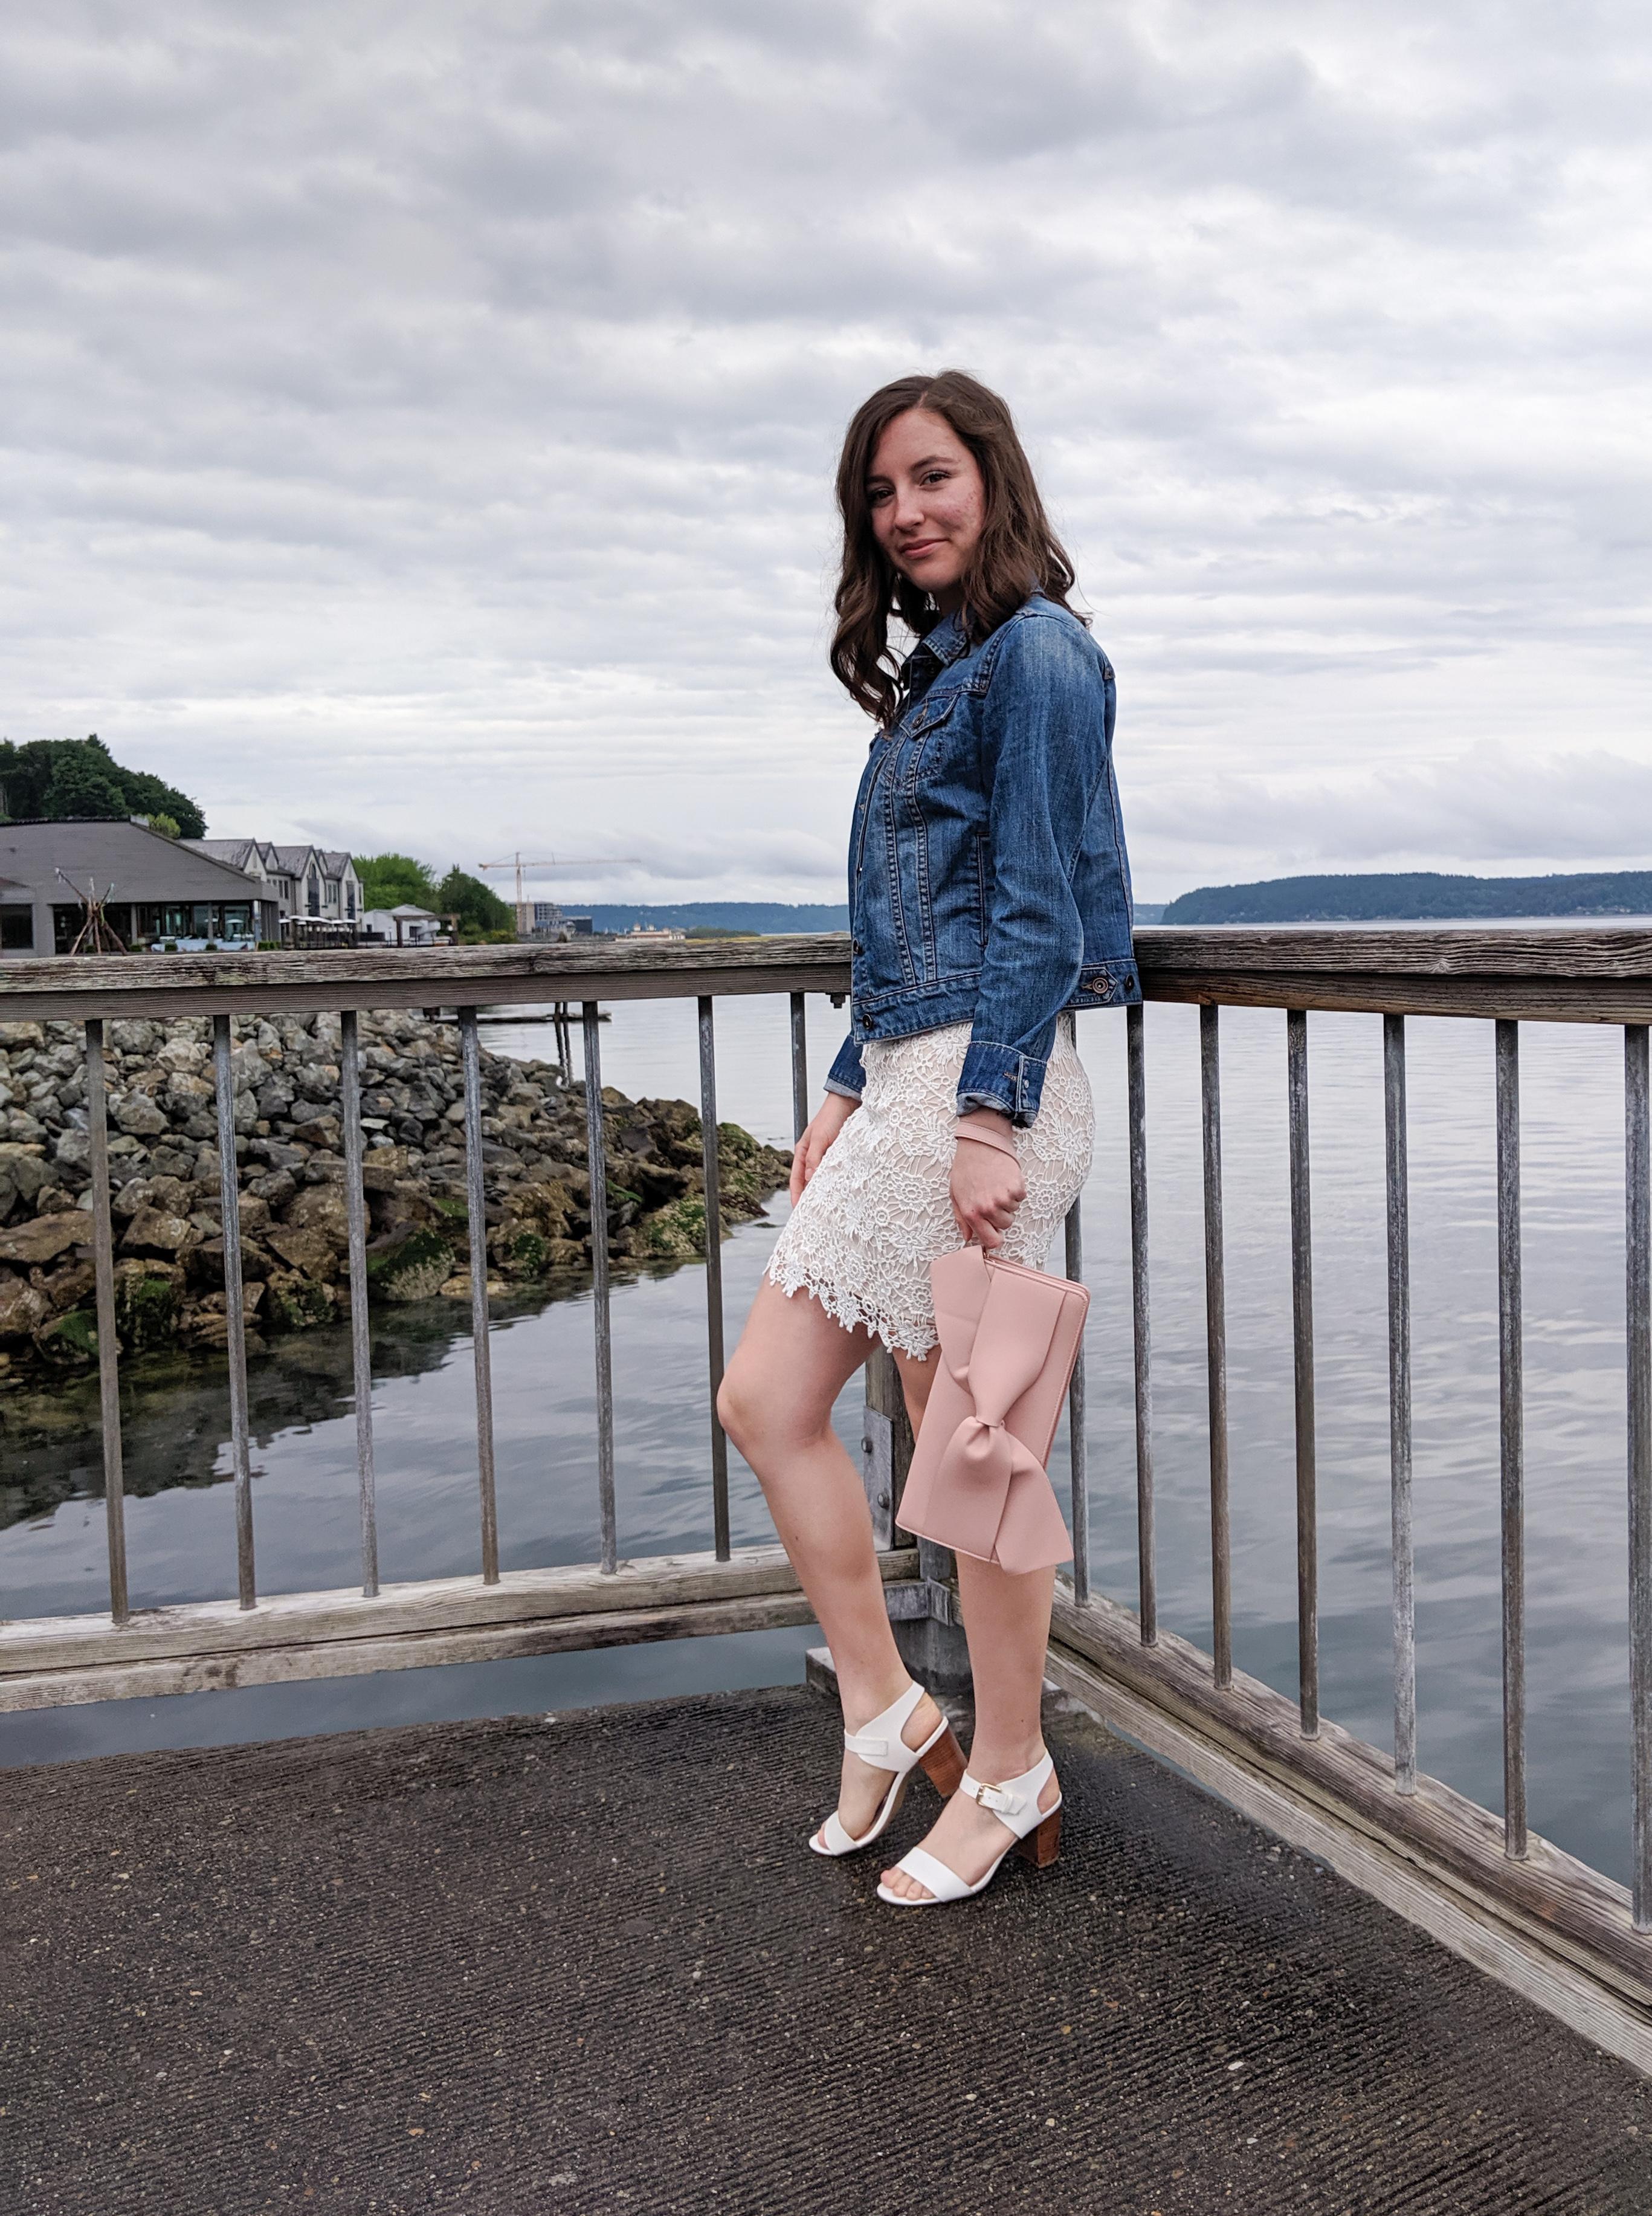 jean jacket, white lace dress, blush bow purse, white heels